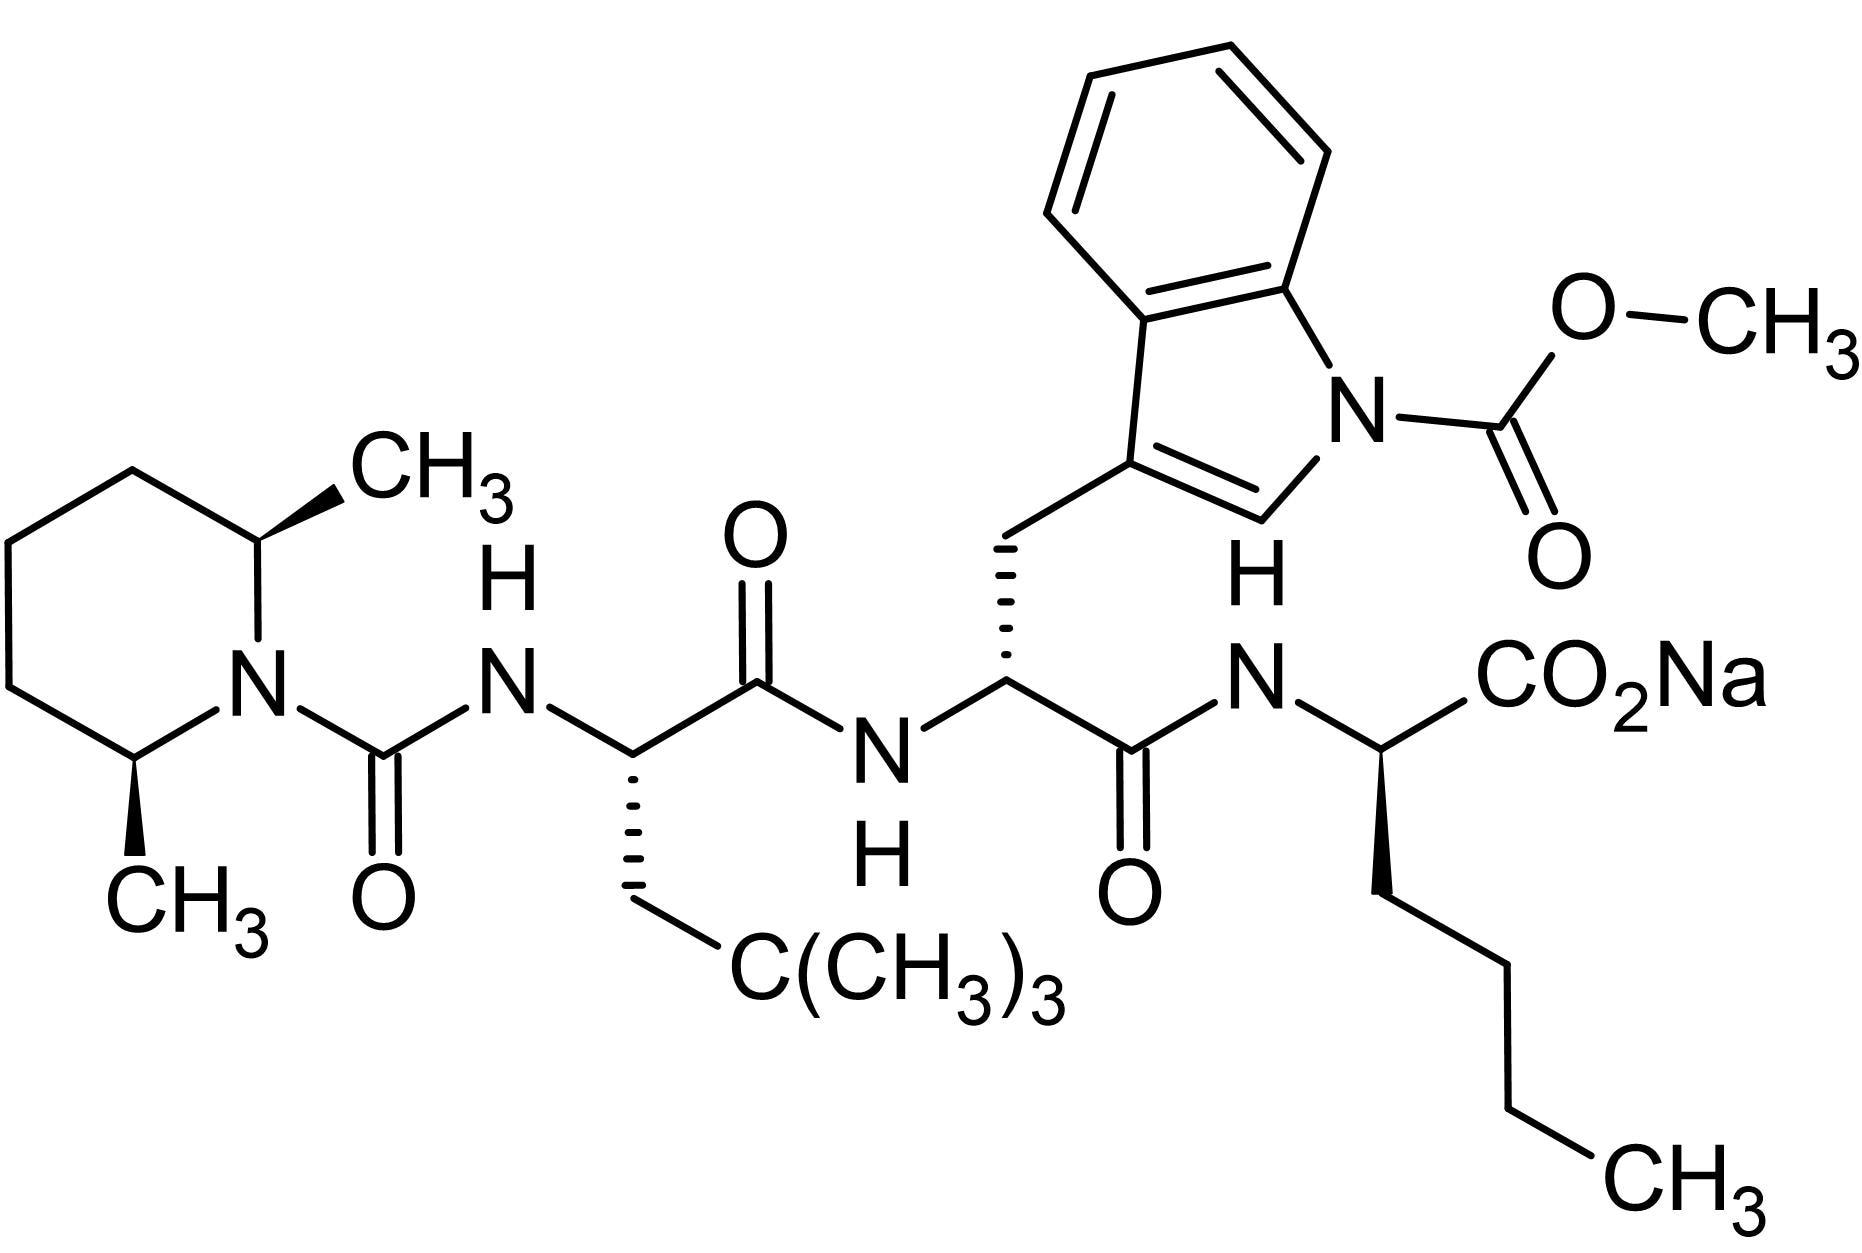 Chemical Structure - BQ 788 sodium salt, ET<sub>B</sub> receptor antagonist (ab144504)